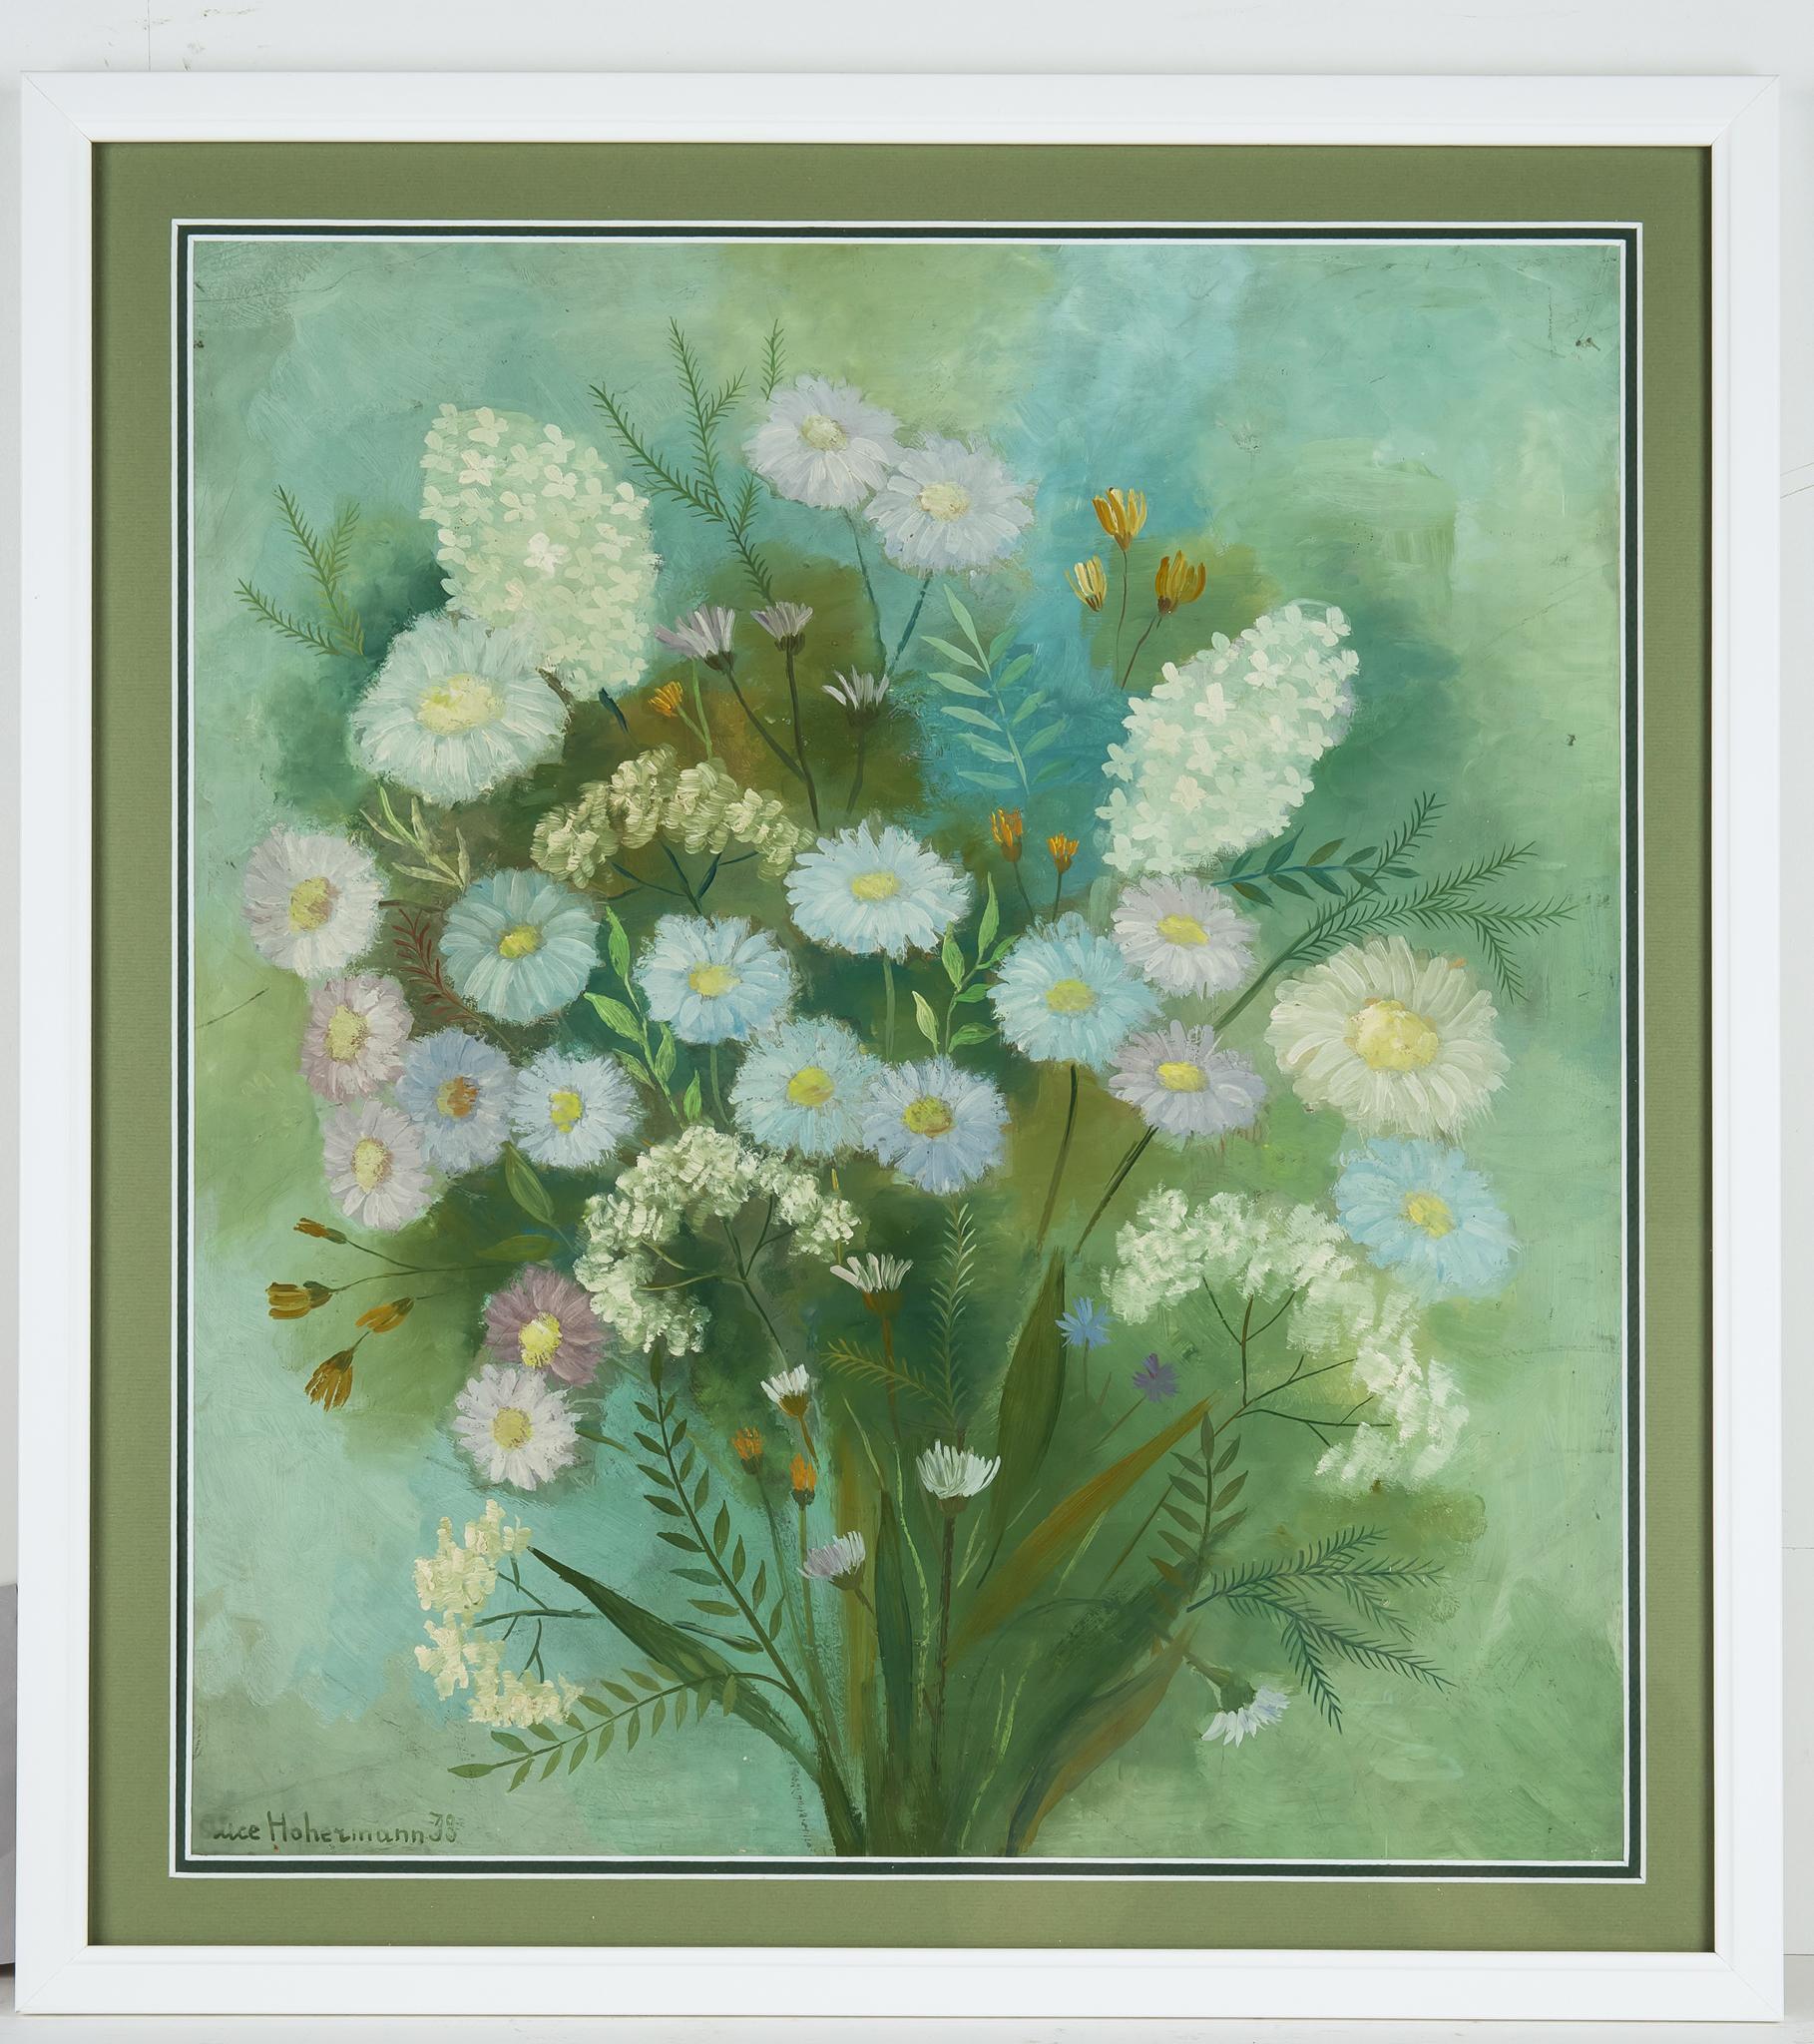 Alicja Hohermann | Bukiet kwiatów, 1938 r.